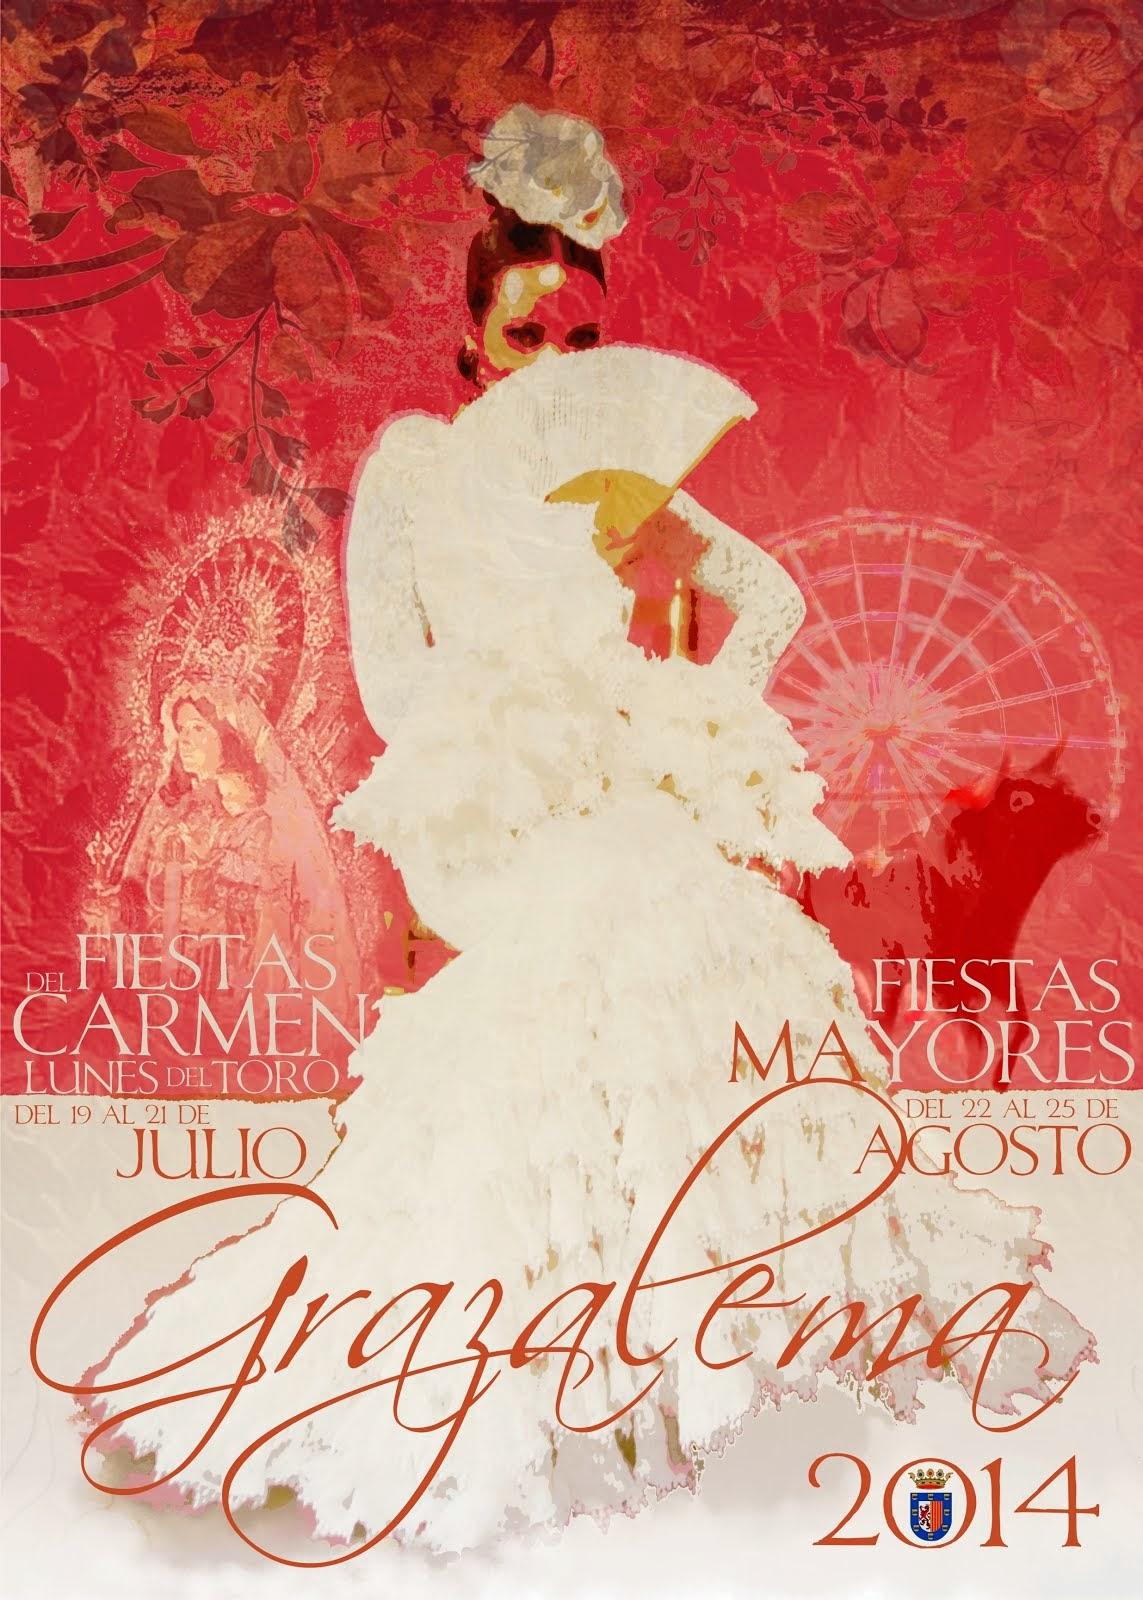 del 18 al 21 de julio Fiestas del Carmen